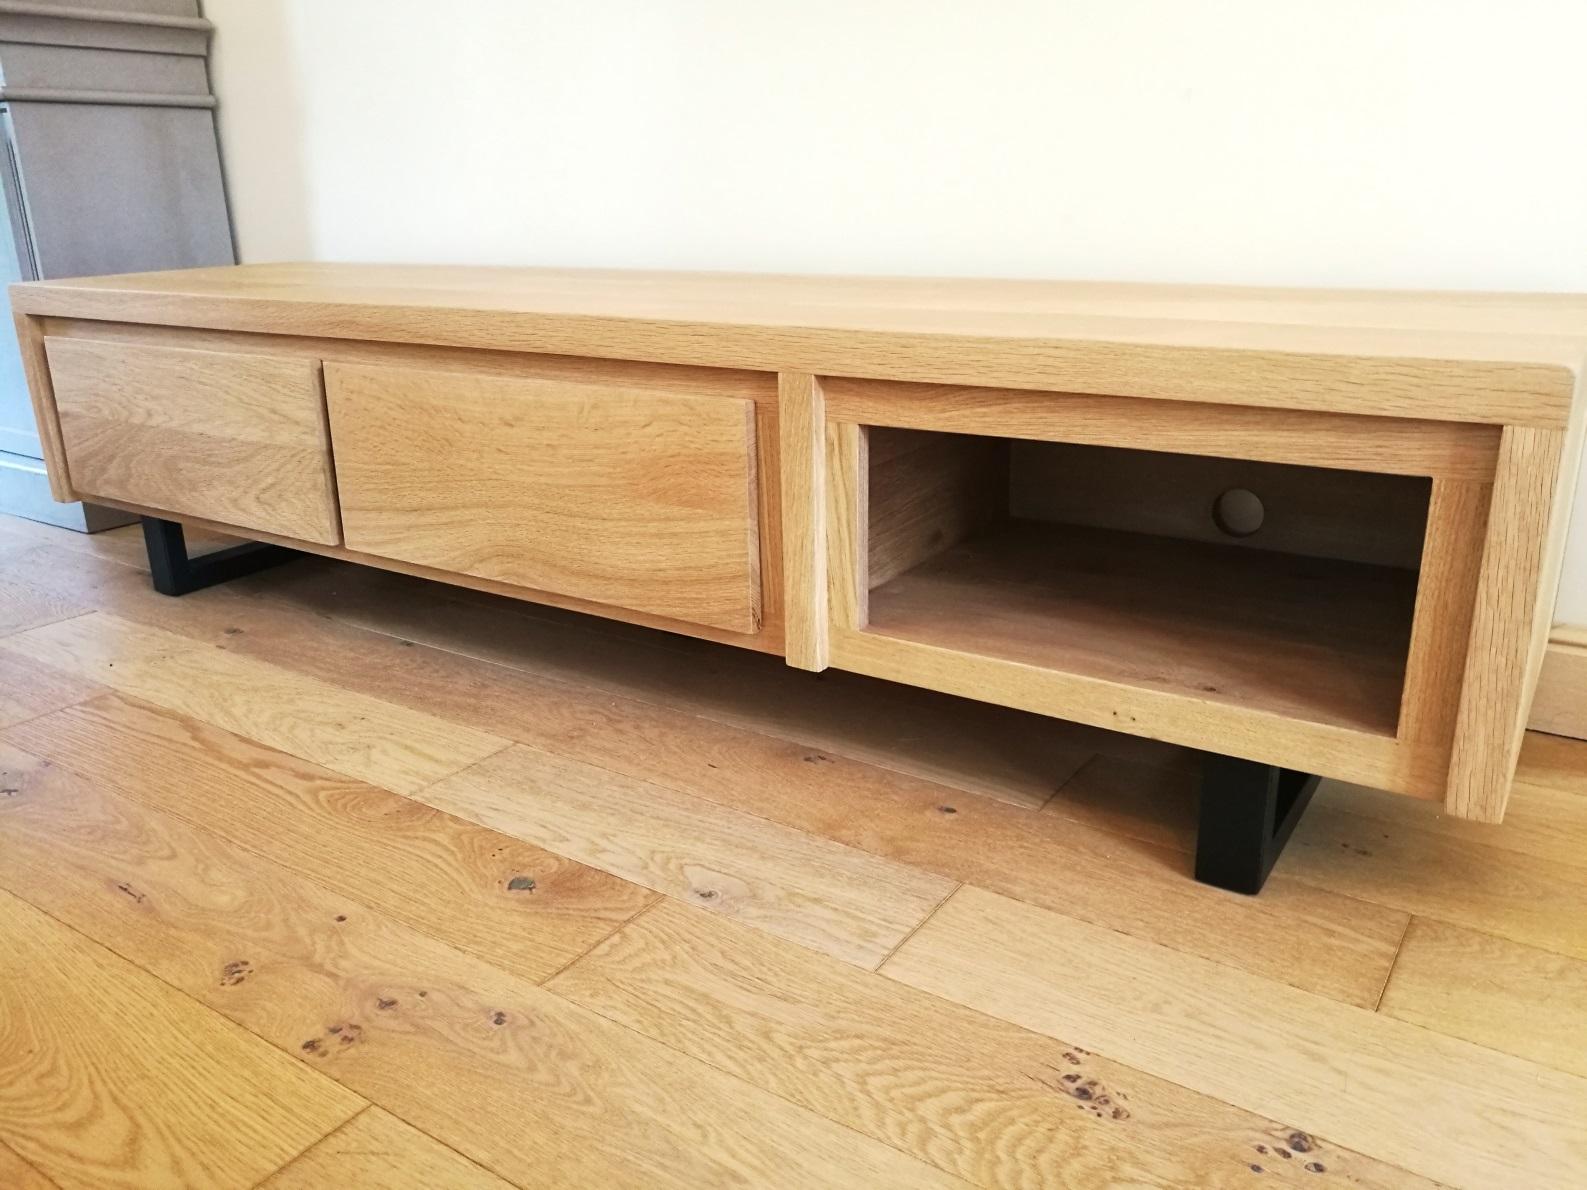 Meuble En Sapin Brut meubles tv industriels - metalik & bois meubles industriel